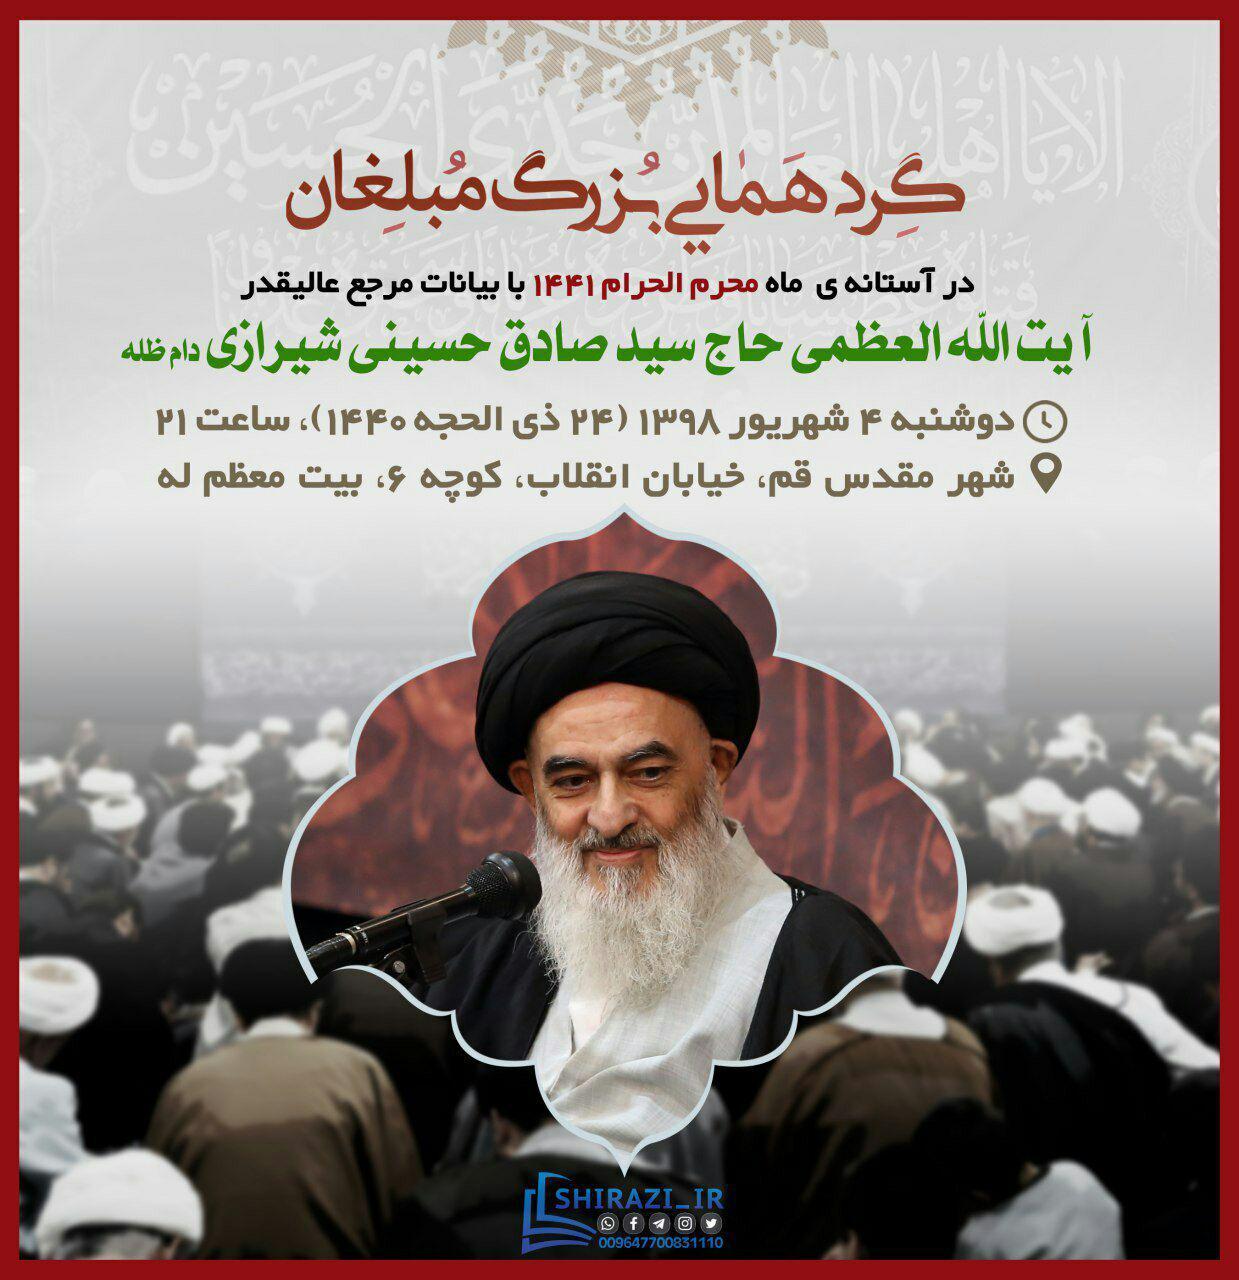 تصویر گردهمایی بزرگ مبلغان حسینی در آستانه ماه محرم الحرام 1441 در بیت مرجعیت شیعه